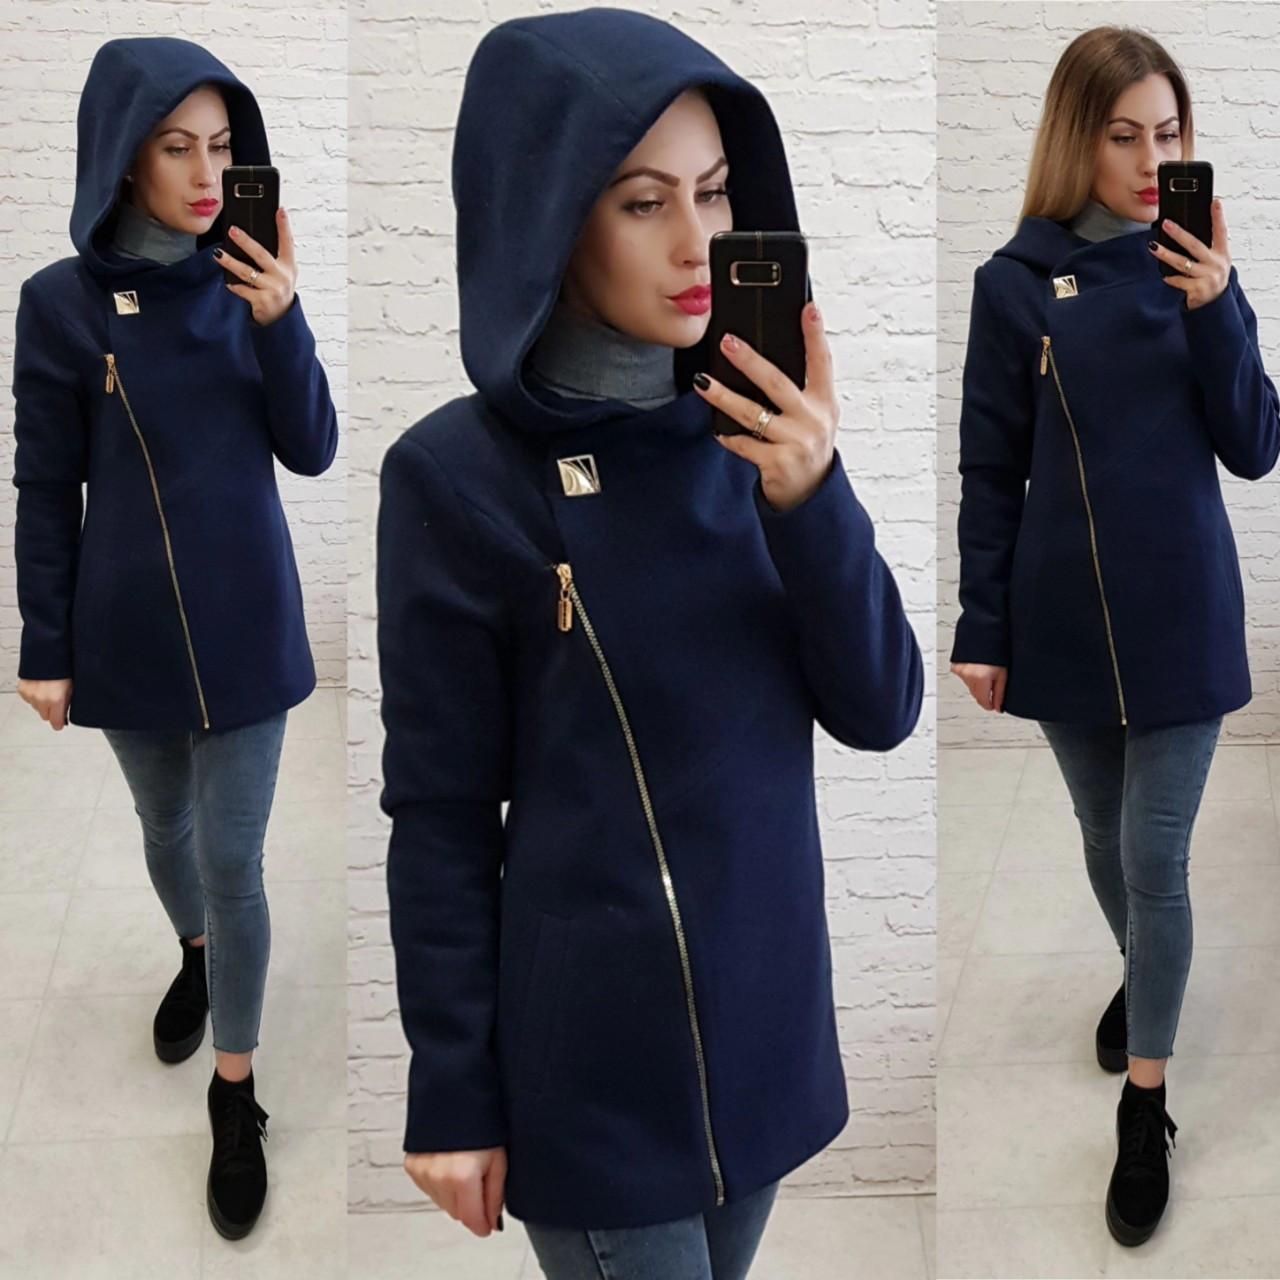 Короткое пальто женское с капюшоном, модель  156, синий